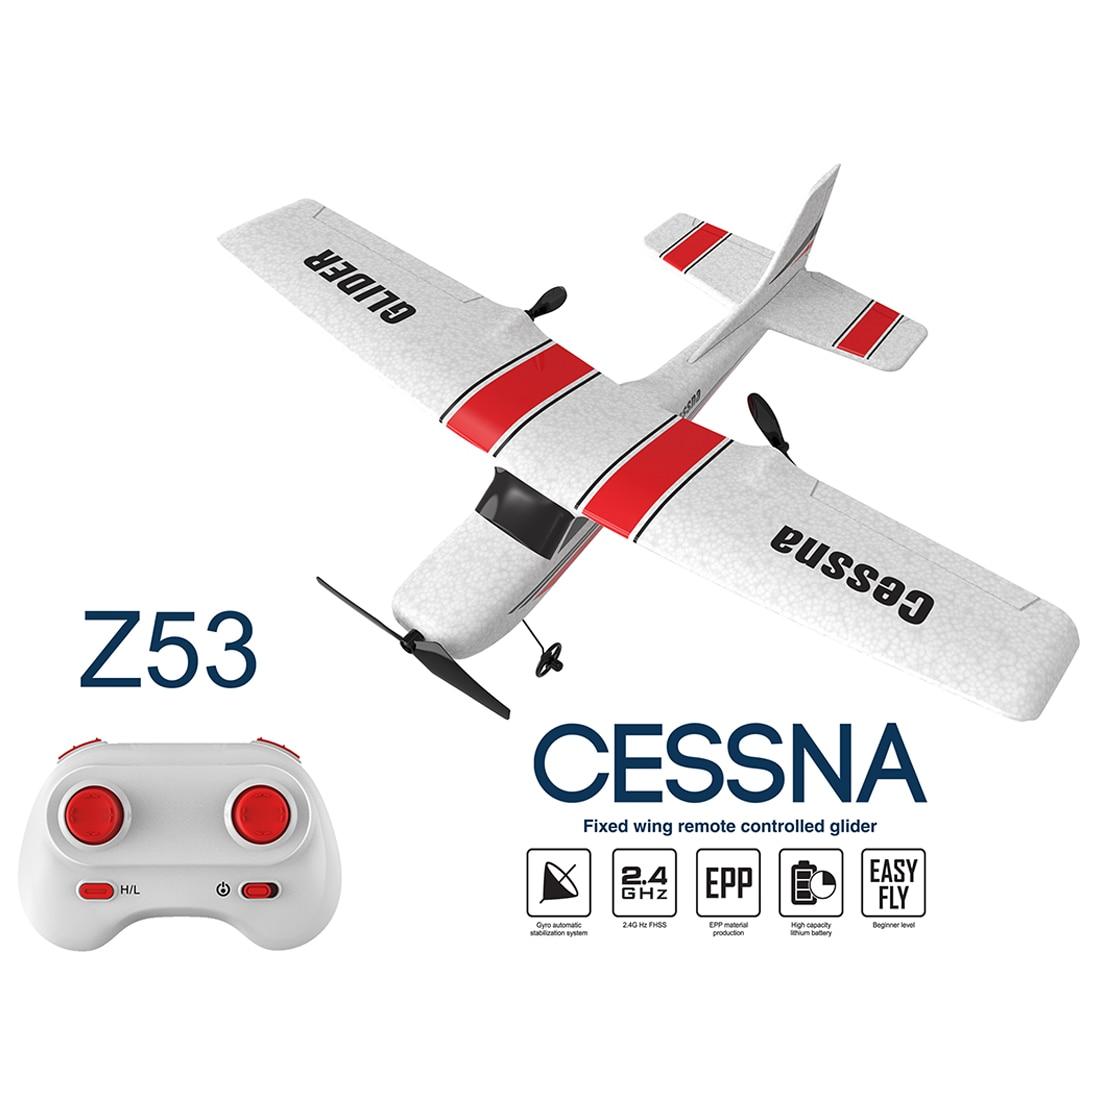 Oyuncaklar ve Hobi Ürünleri'ten RC Uçaklar'de Z53 2.4G 2CH RC uçak EPP köpük planör RC uçak oyuncak 3 adet pil ile beyin eğitim oyuncak çocuklar için eğitici oyuncaklar hediye title=